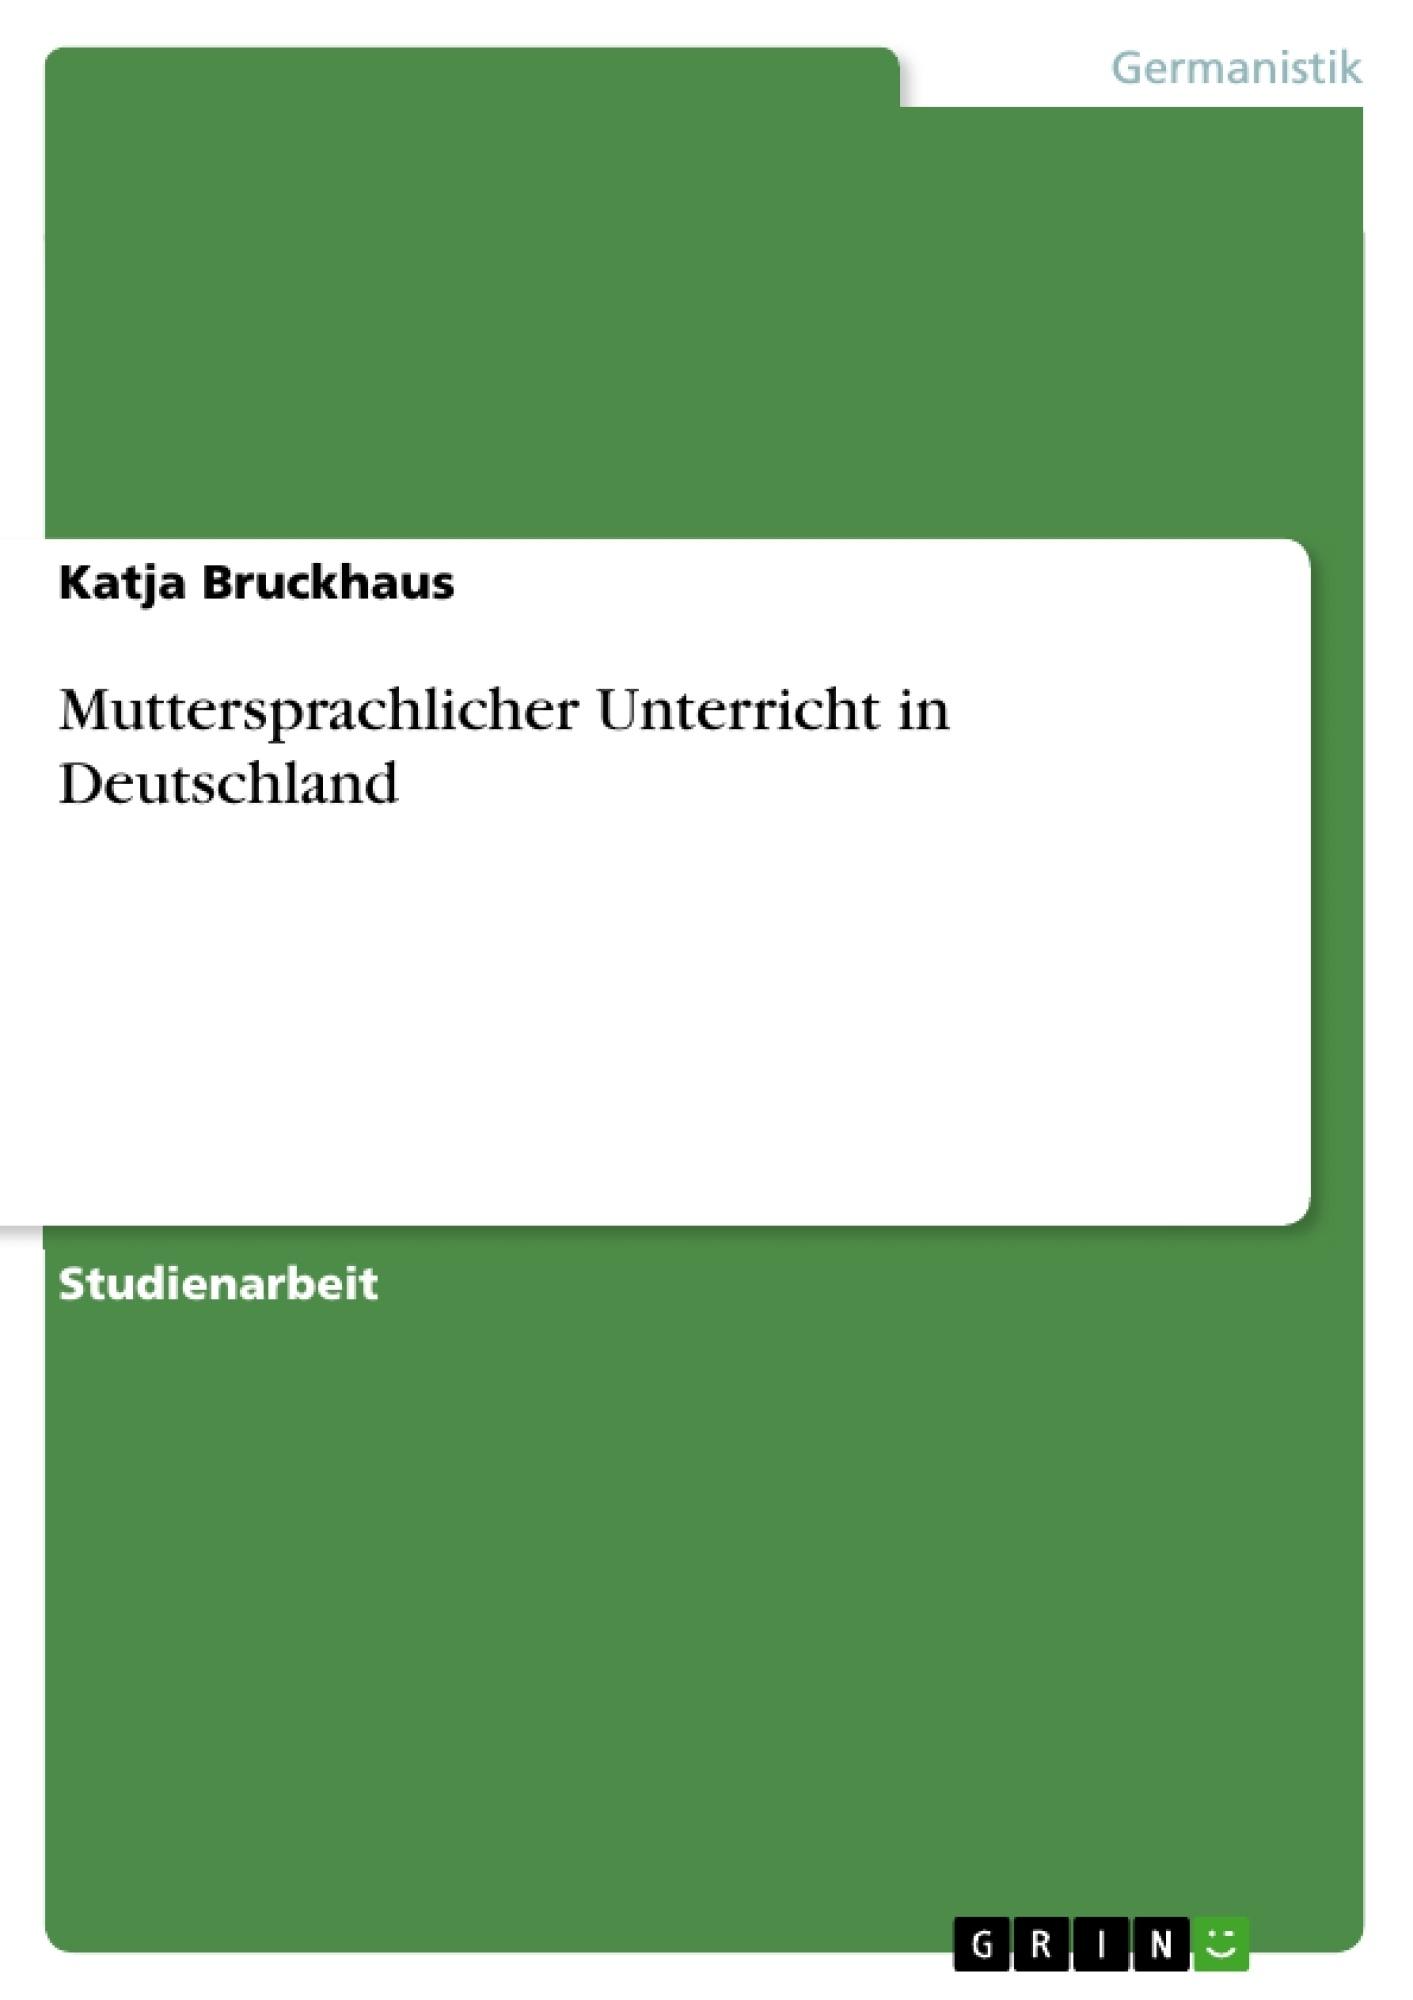 Titel: Muttersprachlicher Unterricht in Deutschland